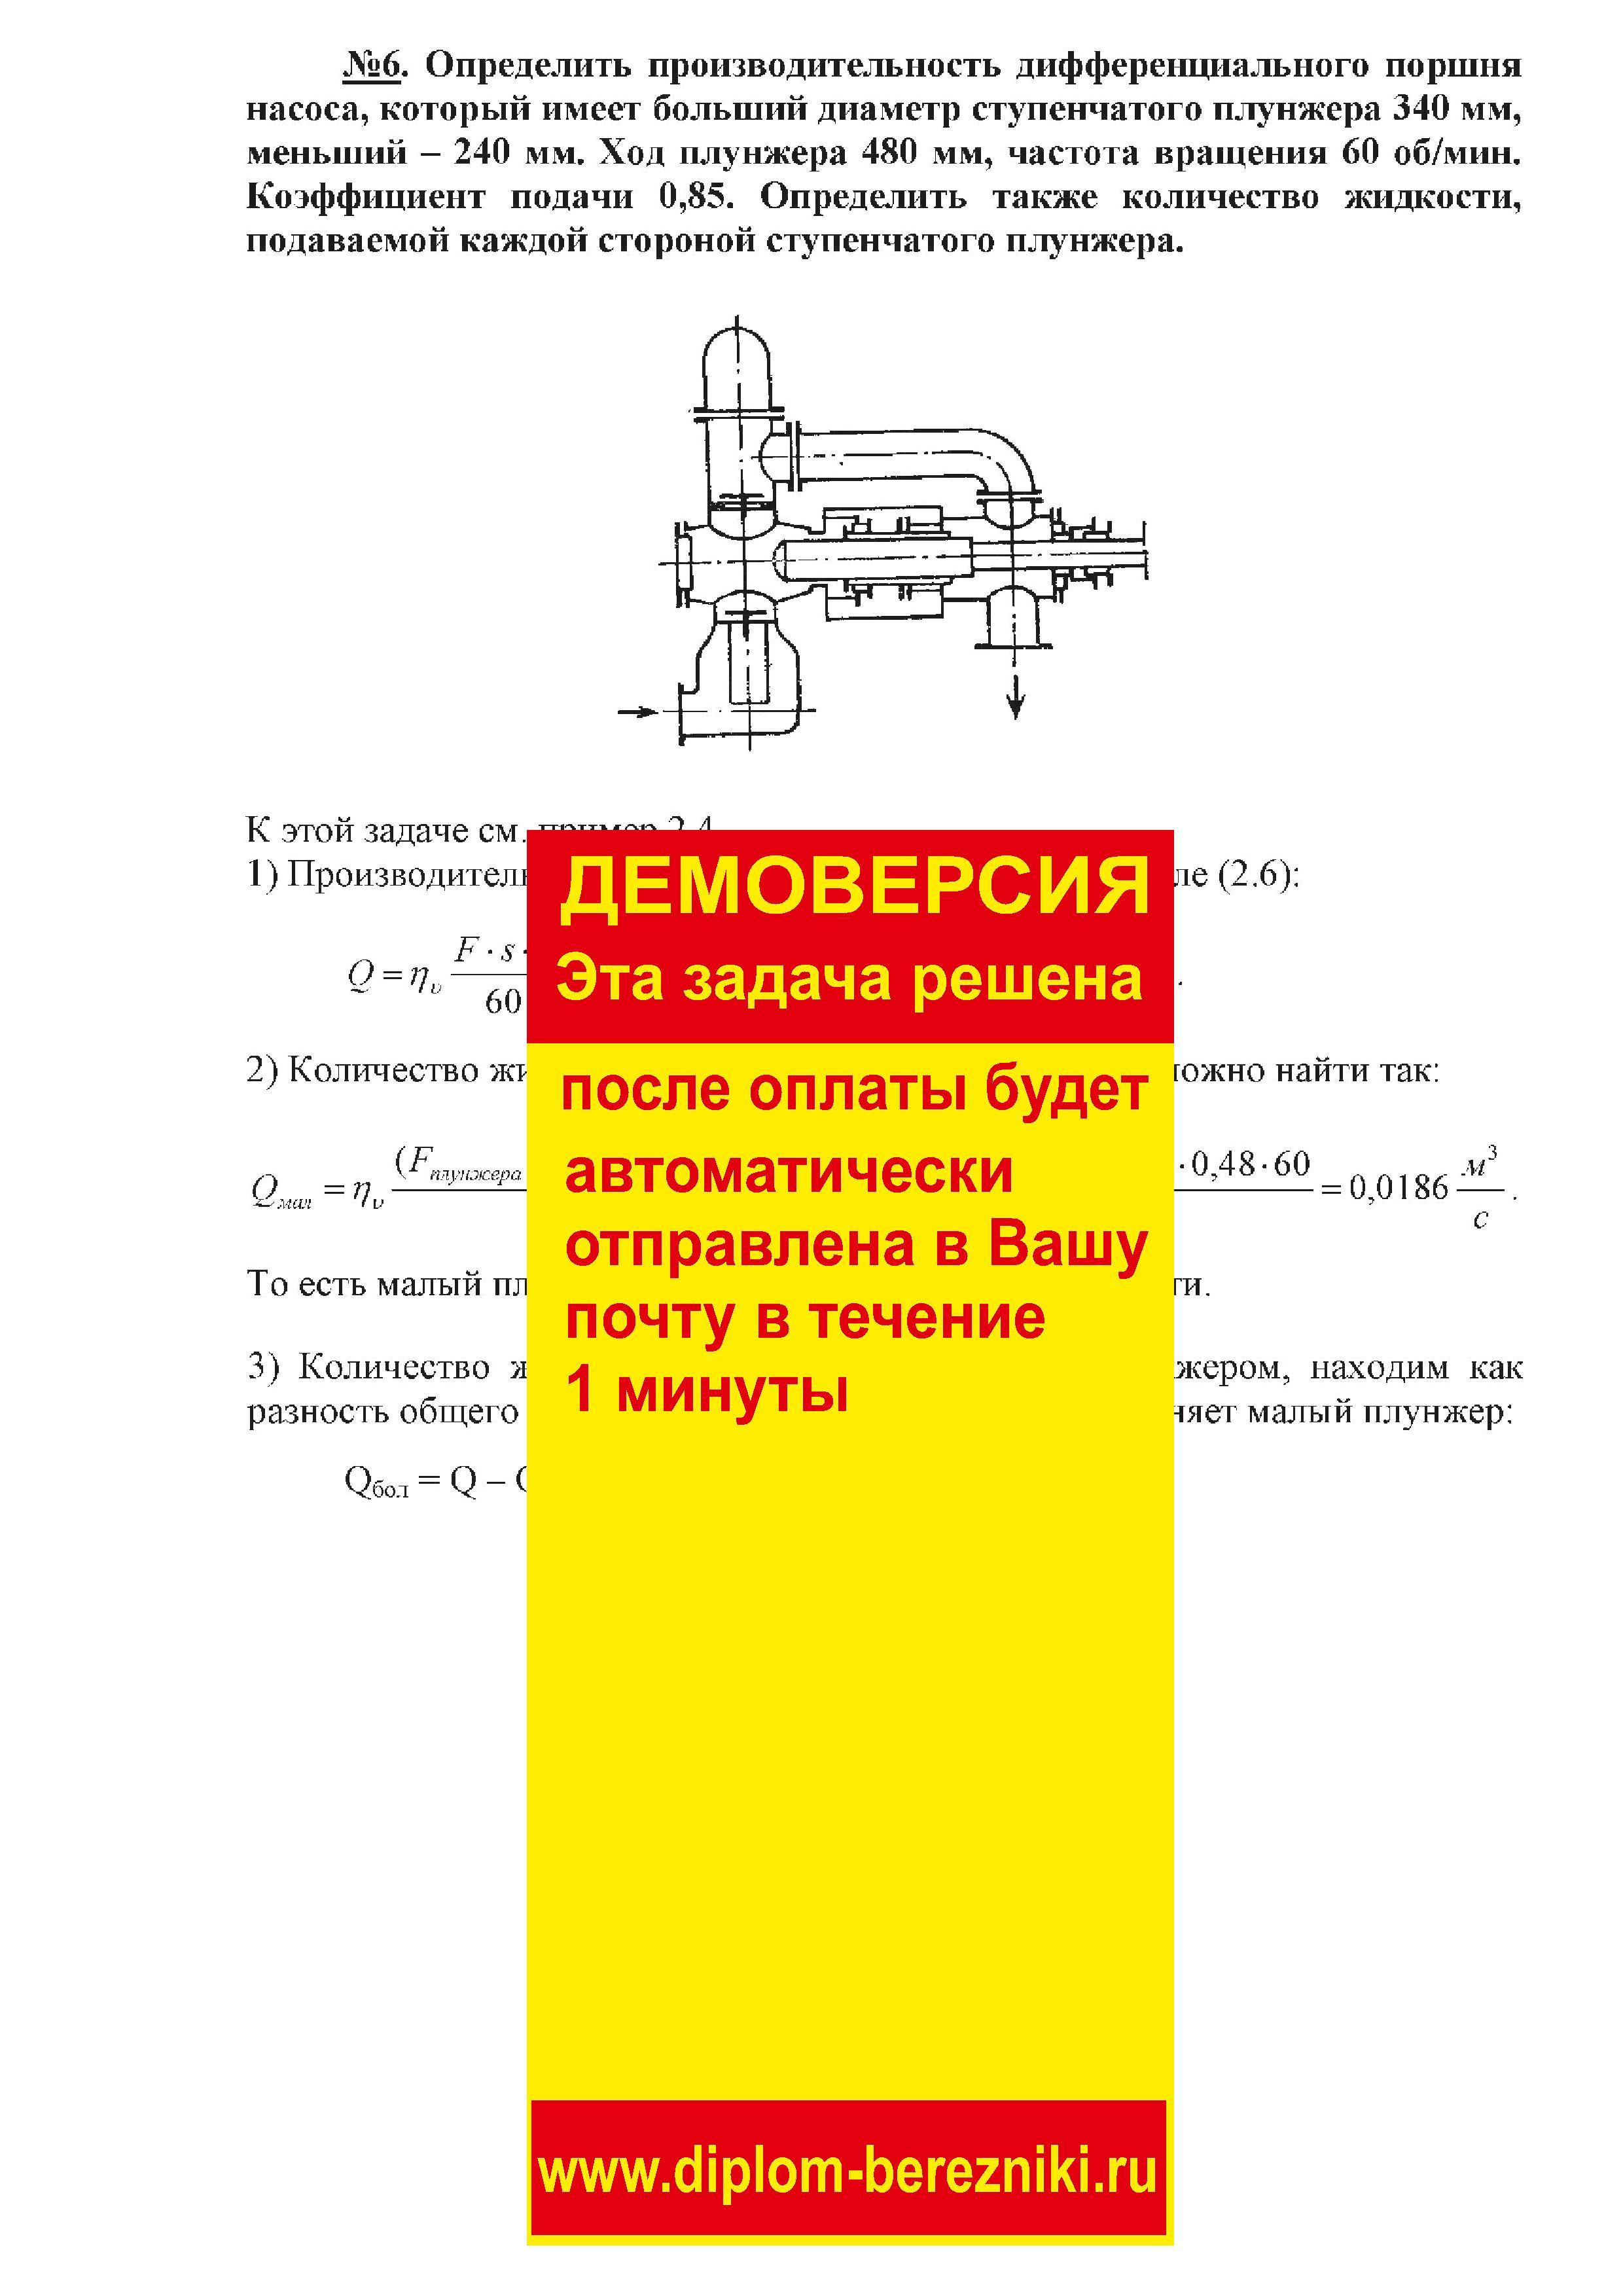 Решение задачи 2.6 по ПАХТ из задачника Павлова Романкова Носкова